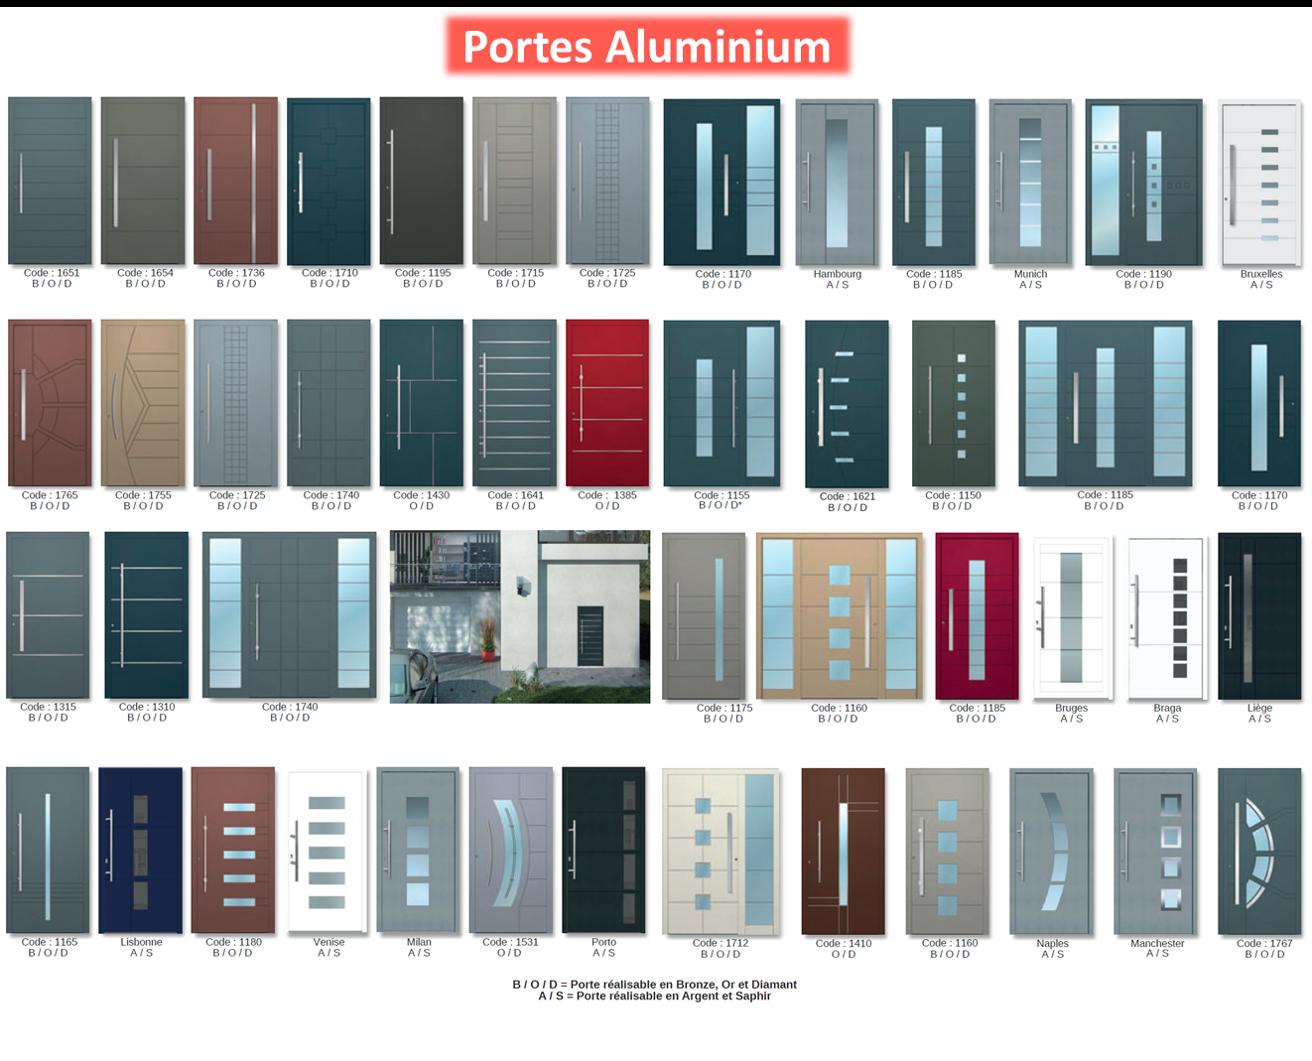 Portes Aluminium Revue